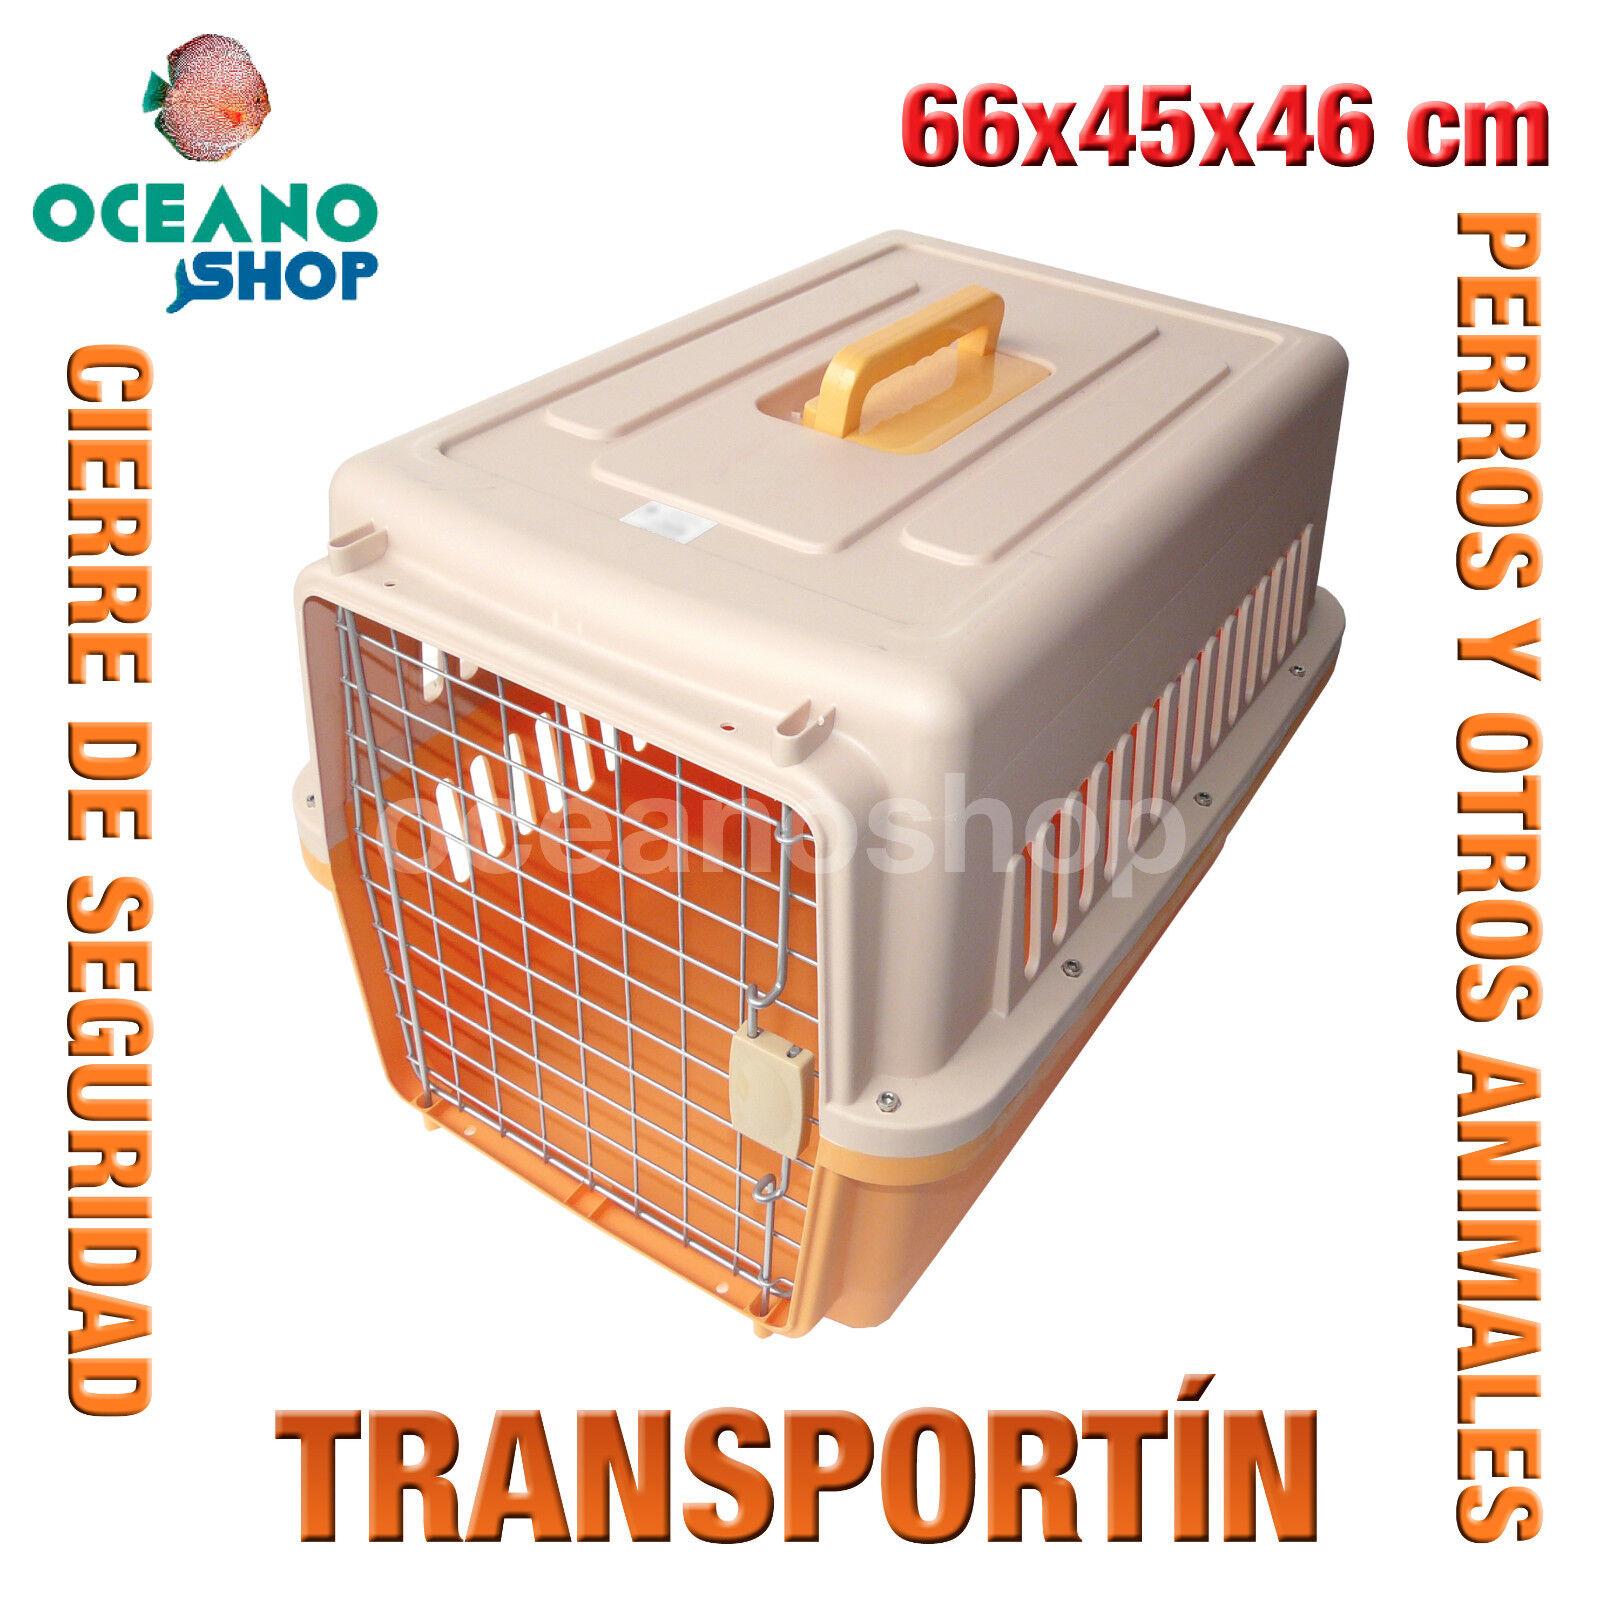 TRANSPORTIN PERROS MEDIANO CALIDAD ASA Y CIERRE SEGURIDAD 66x45x46 cm D529 0152